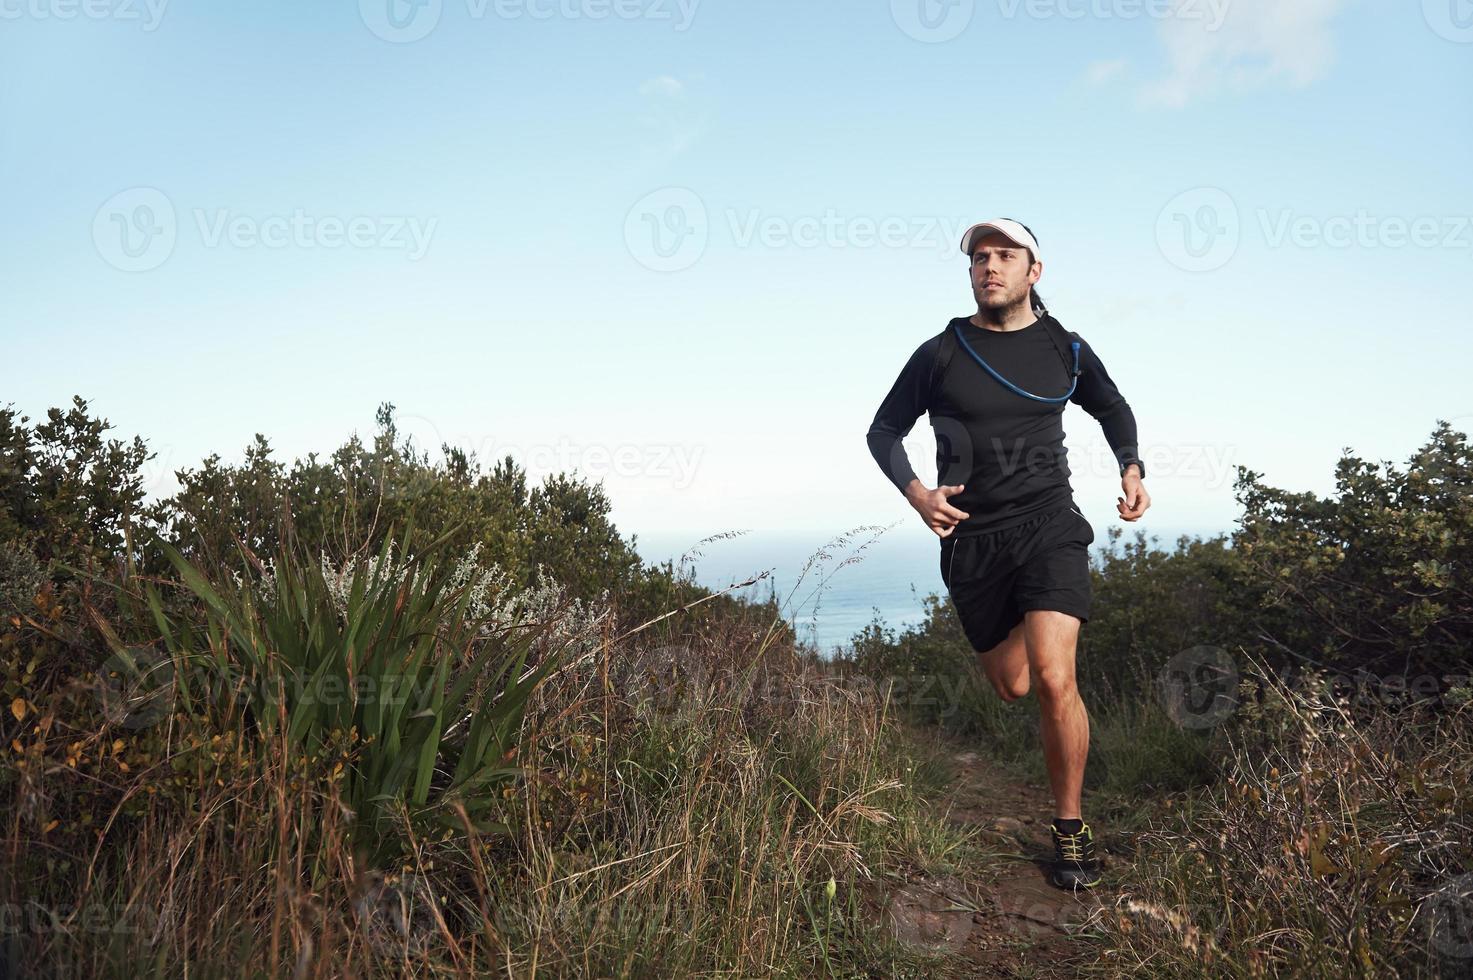 corrida de fitness foto